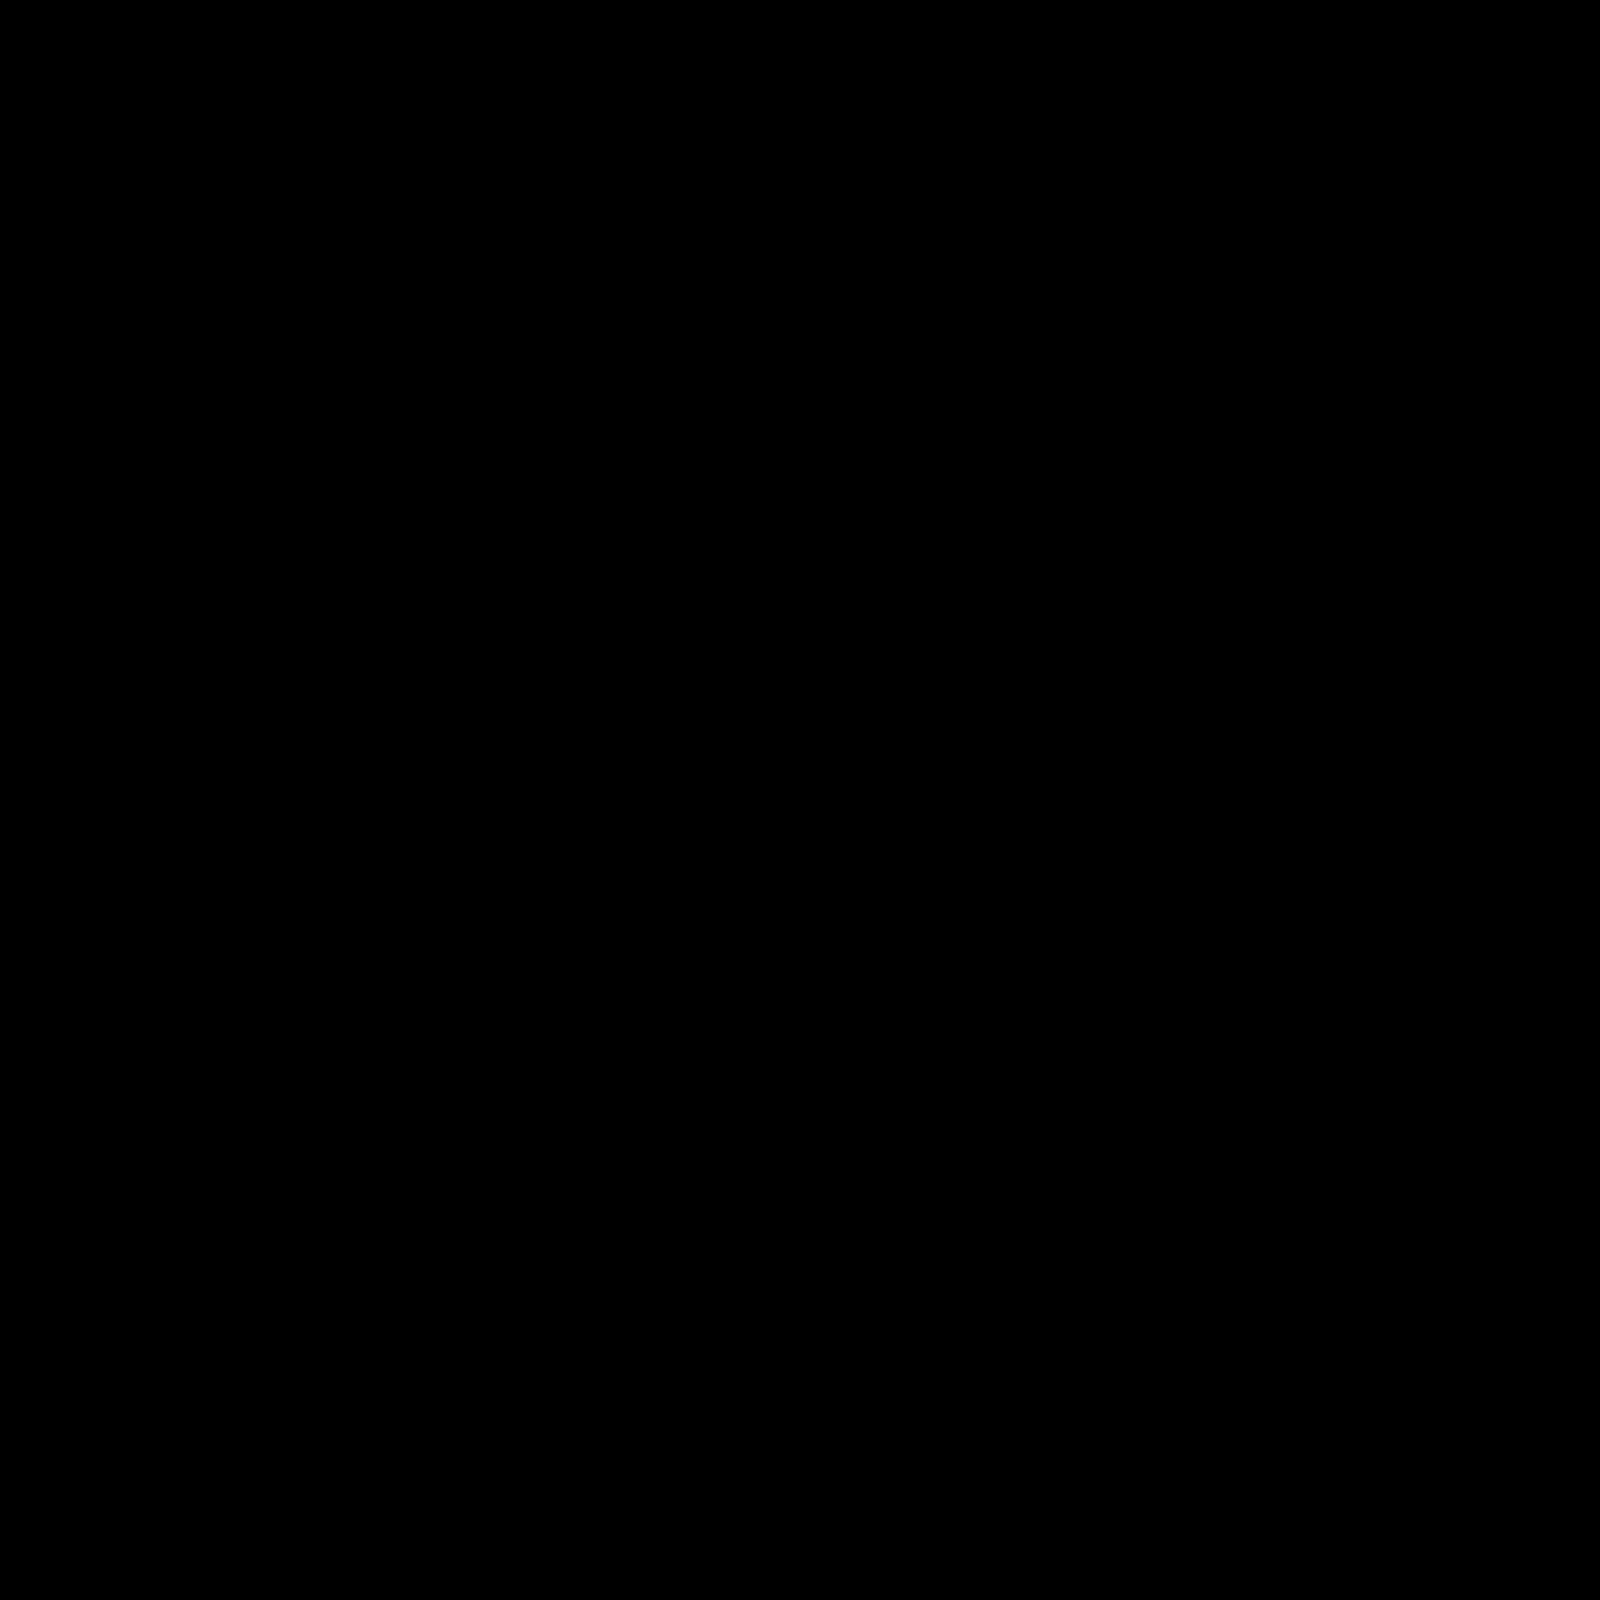 clip black and white download No icon free download. Idea vector